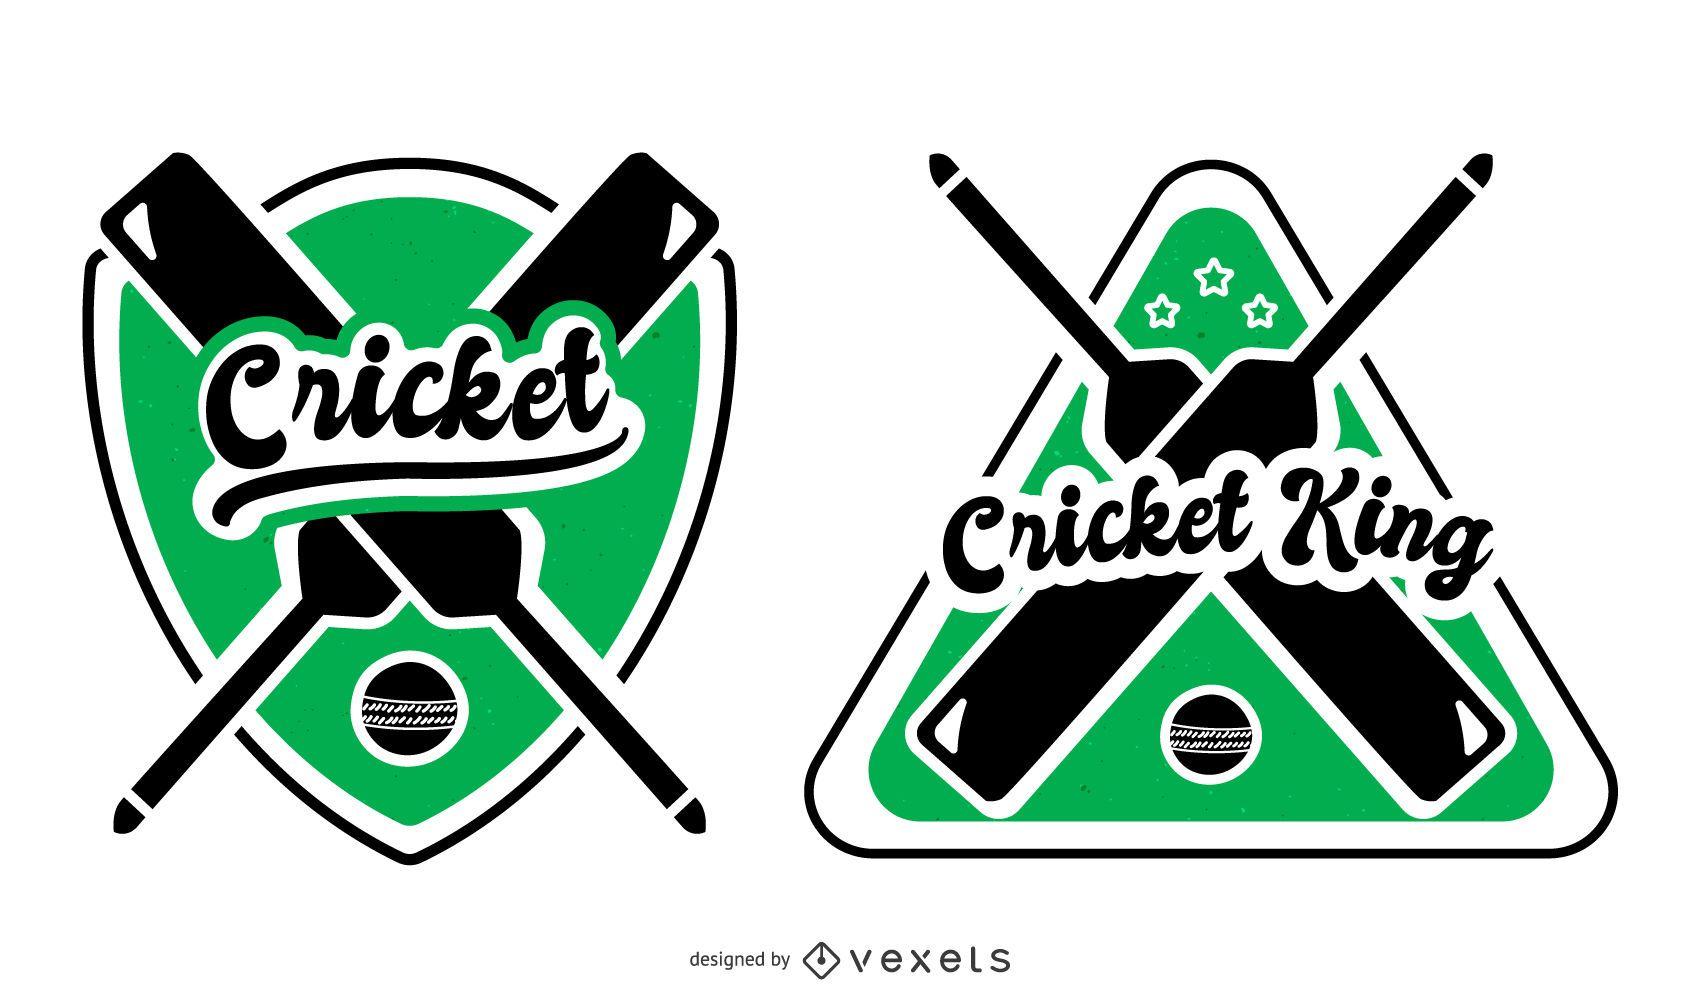 Cricket King Illustration